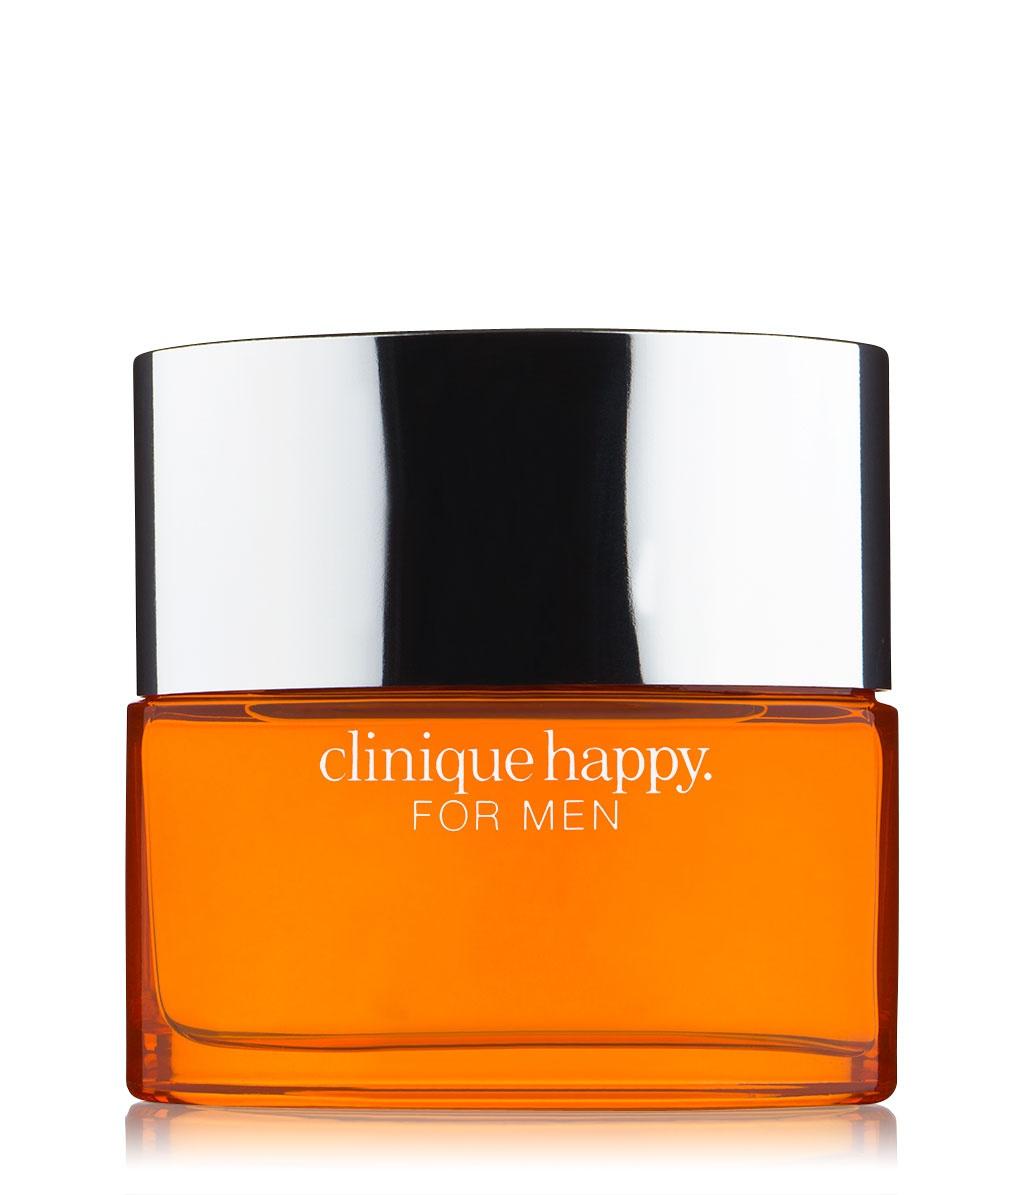 Clinique Happy For Men Cologne Spray, 50 ml